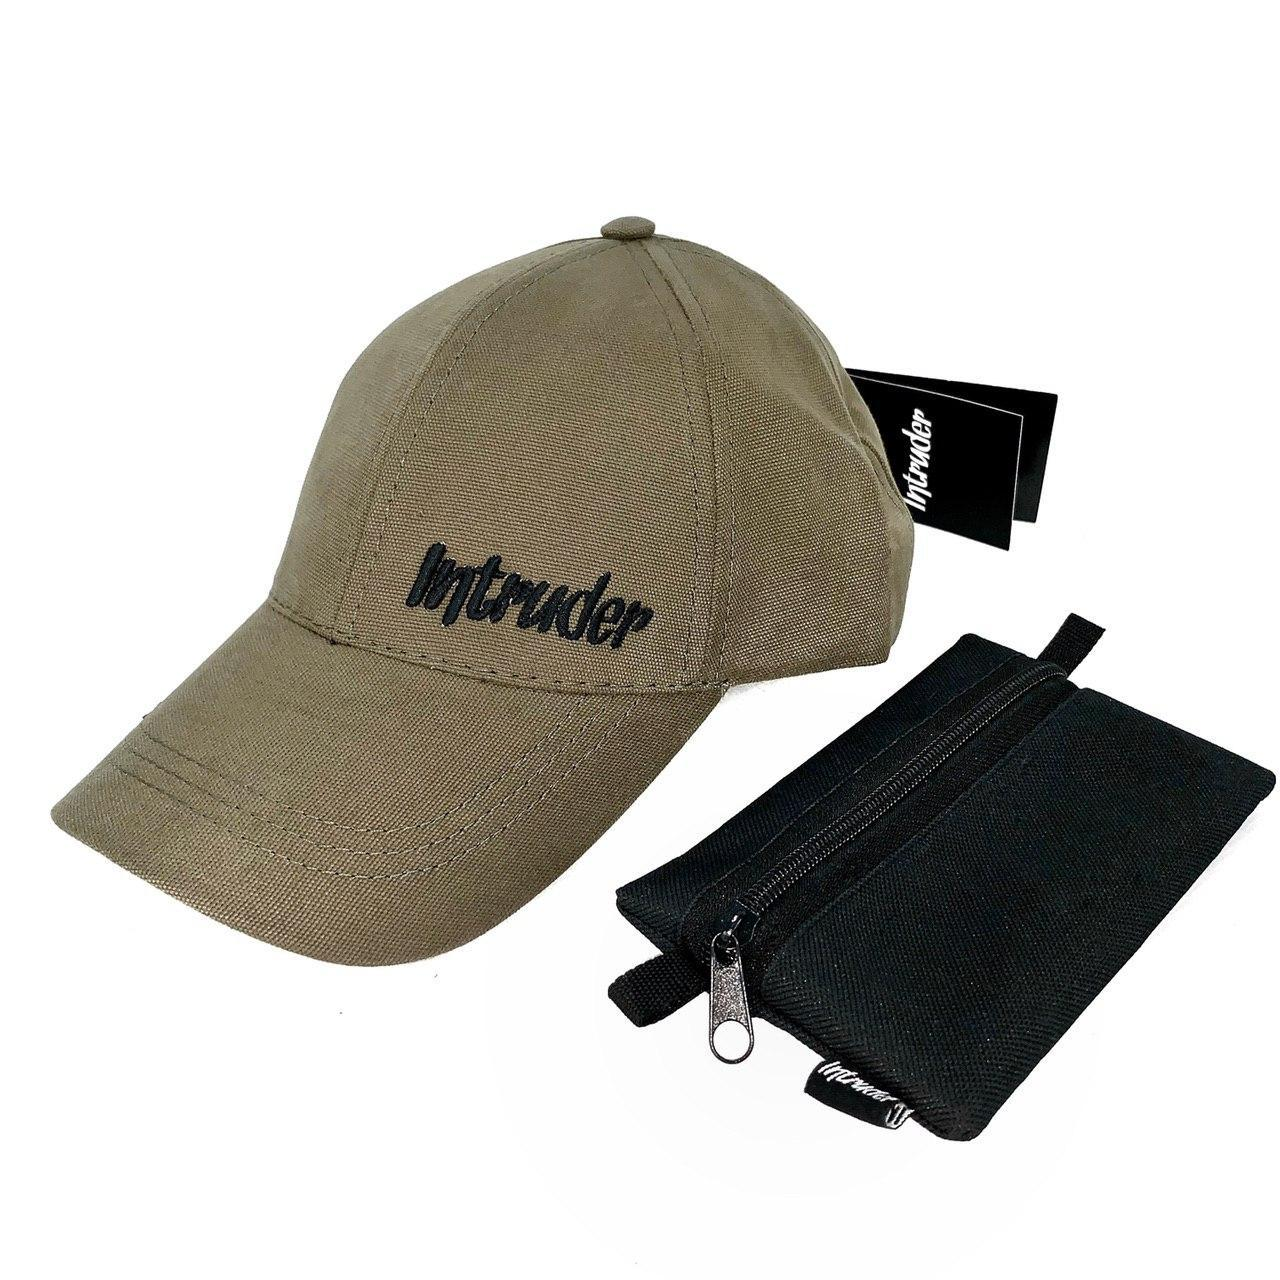 Кепка Intruder мужская | женская хаки брендовая small logo + Фирменный подарок